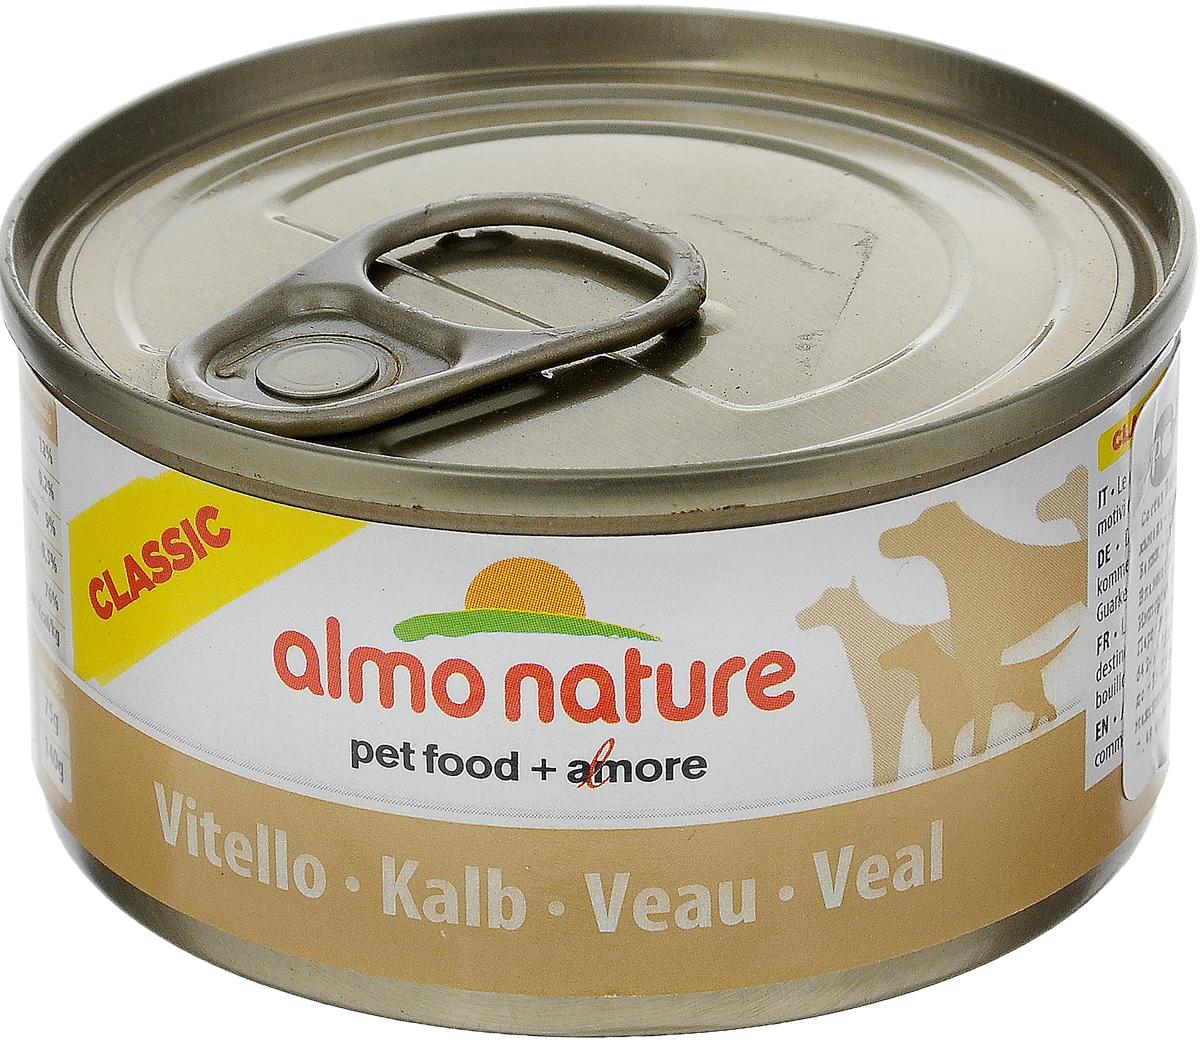 Консервы для собак Almo Nature, с телятиной, 95 г10189Консервы для собак Almo Nature состоят из высококачественных натуральных ингредиентов, которые пригодны для потребления человеком. Полнорационное питание для взрослых собак. Состав: вырезка телятины 50%, рис 3%, гуаровая камедь 0,2%, телячий бульон. Гарантированный анализ: неочищенный белок 12%, сырая клетчатка 0,2%, неочищенные жиры 9%, сырая зола 0,5%, влажность 76%. Калорийность: 1500 ккал/кг. Товар сертифицирован.